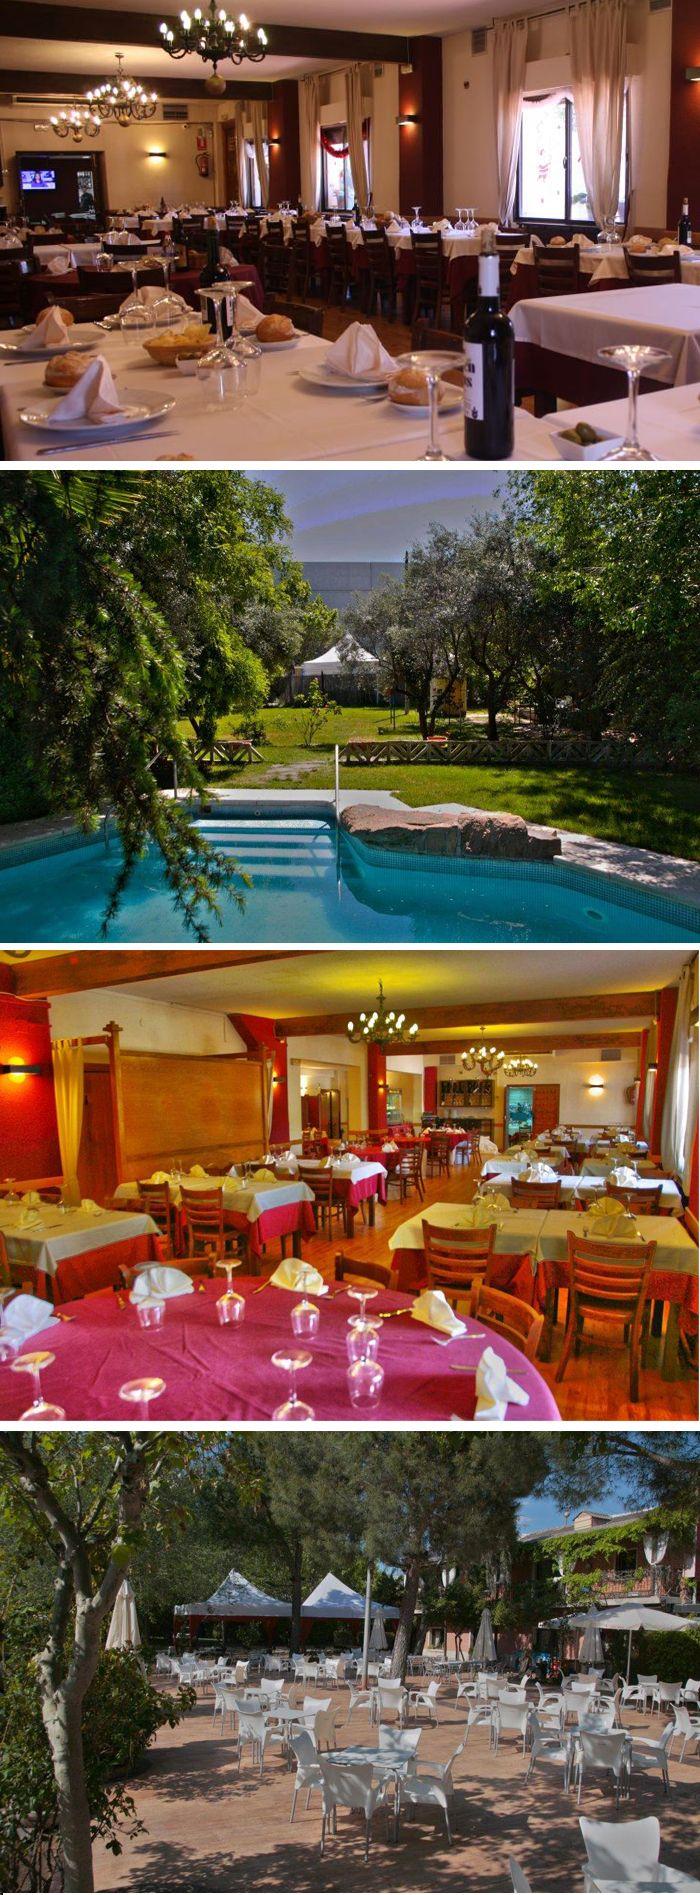 Restaurante La Hacienda -  Alcorcón, Madrid - Restaurantes para Bodas